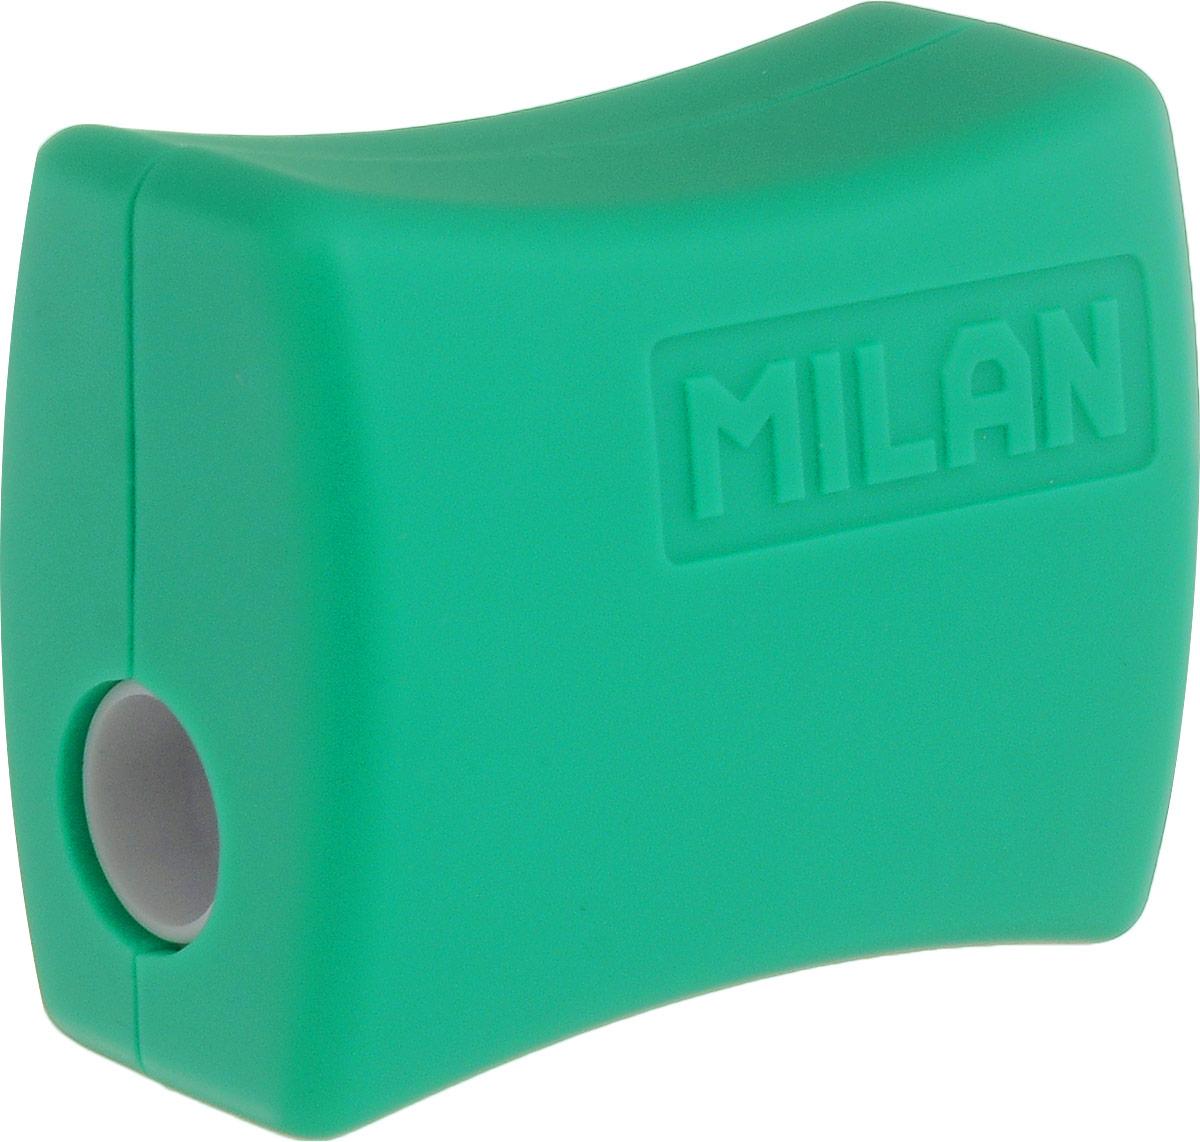 Milan Точилка Double с контейнером цвет зеленый20152918_зеленыйУдобная точилка Milan Double с контейнером оснащена безопасной системой заточки.Эта система предотвращает отделение лезвия от точилки. Идеально подходит для использования в школах. Стальное лезвие острое и устойчиво к повреждению. Идеально подходит для заточки графитовых и цветных карандашей.